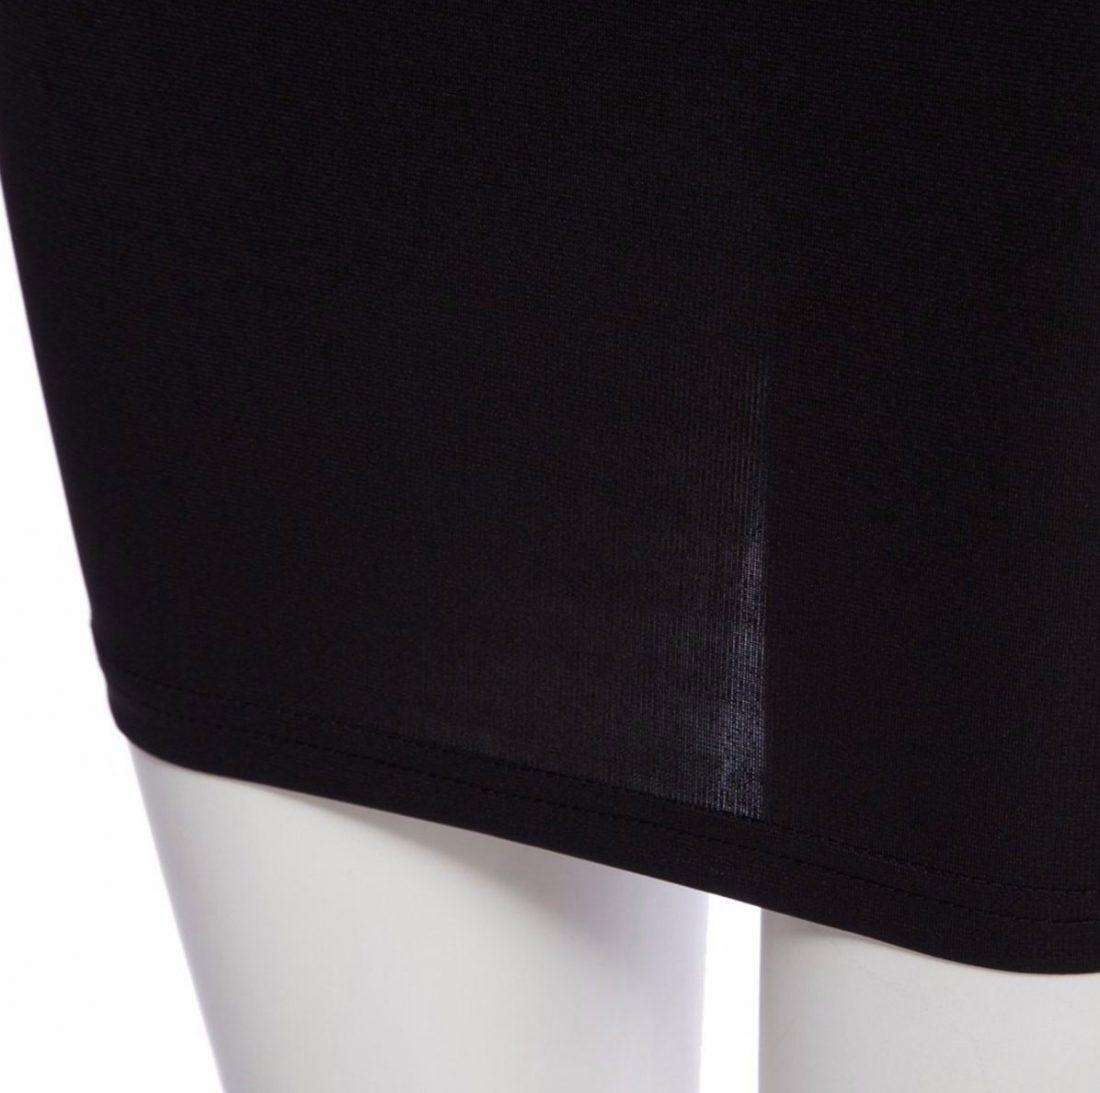 M0176 black4 Party Dresses maureens.com boutique